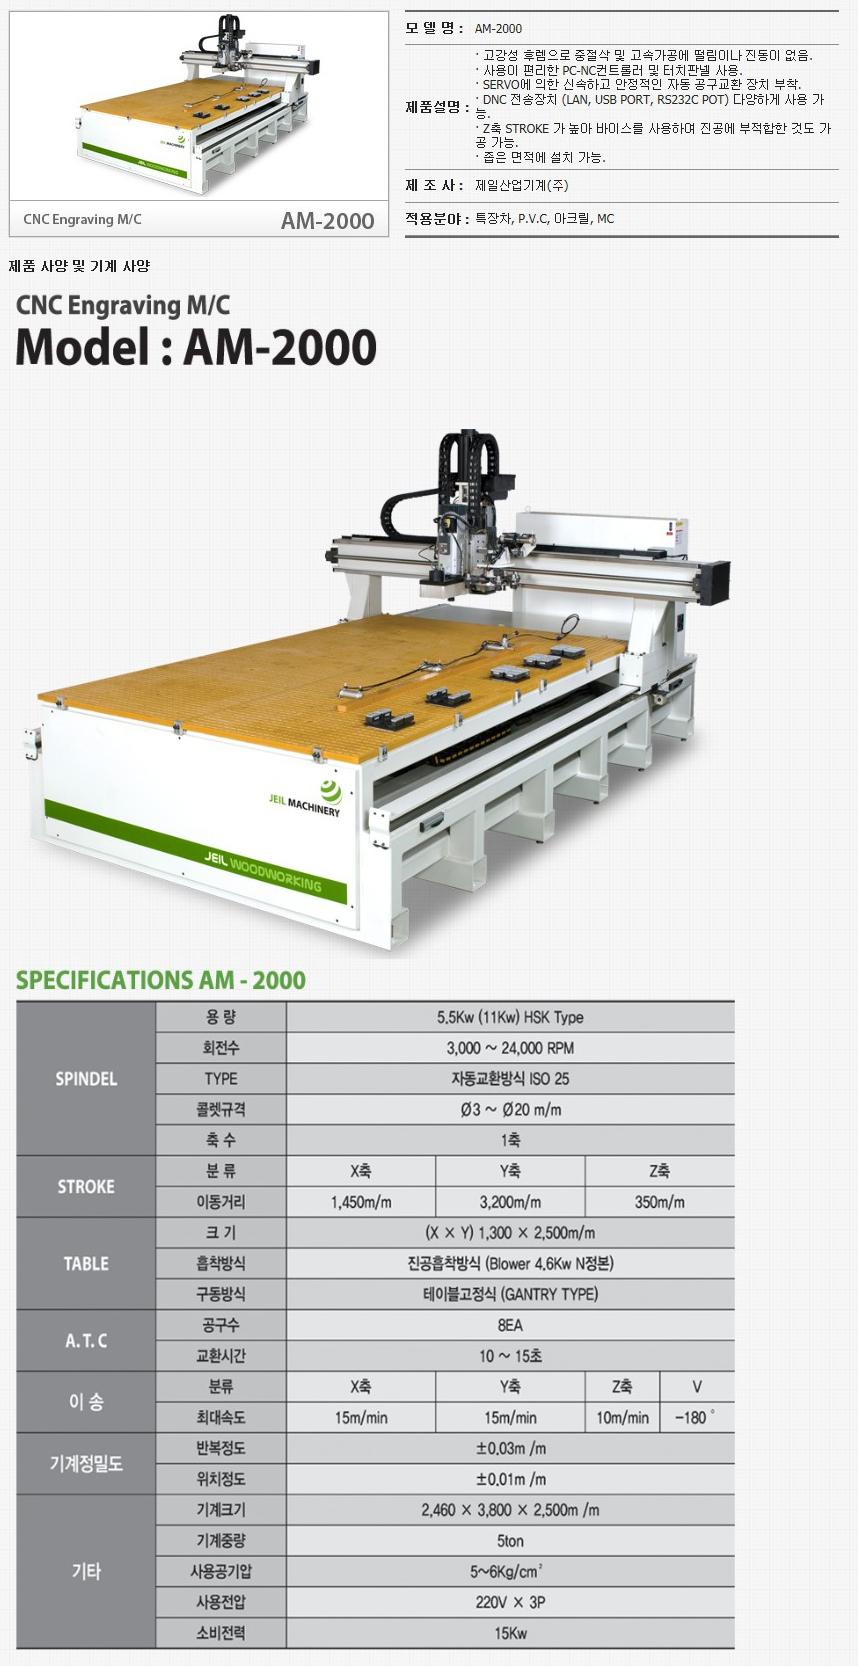 제일산업기계(주) CNC Engraving M/C AM-2000